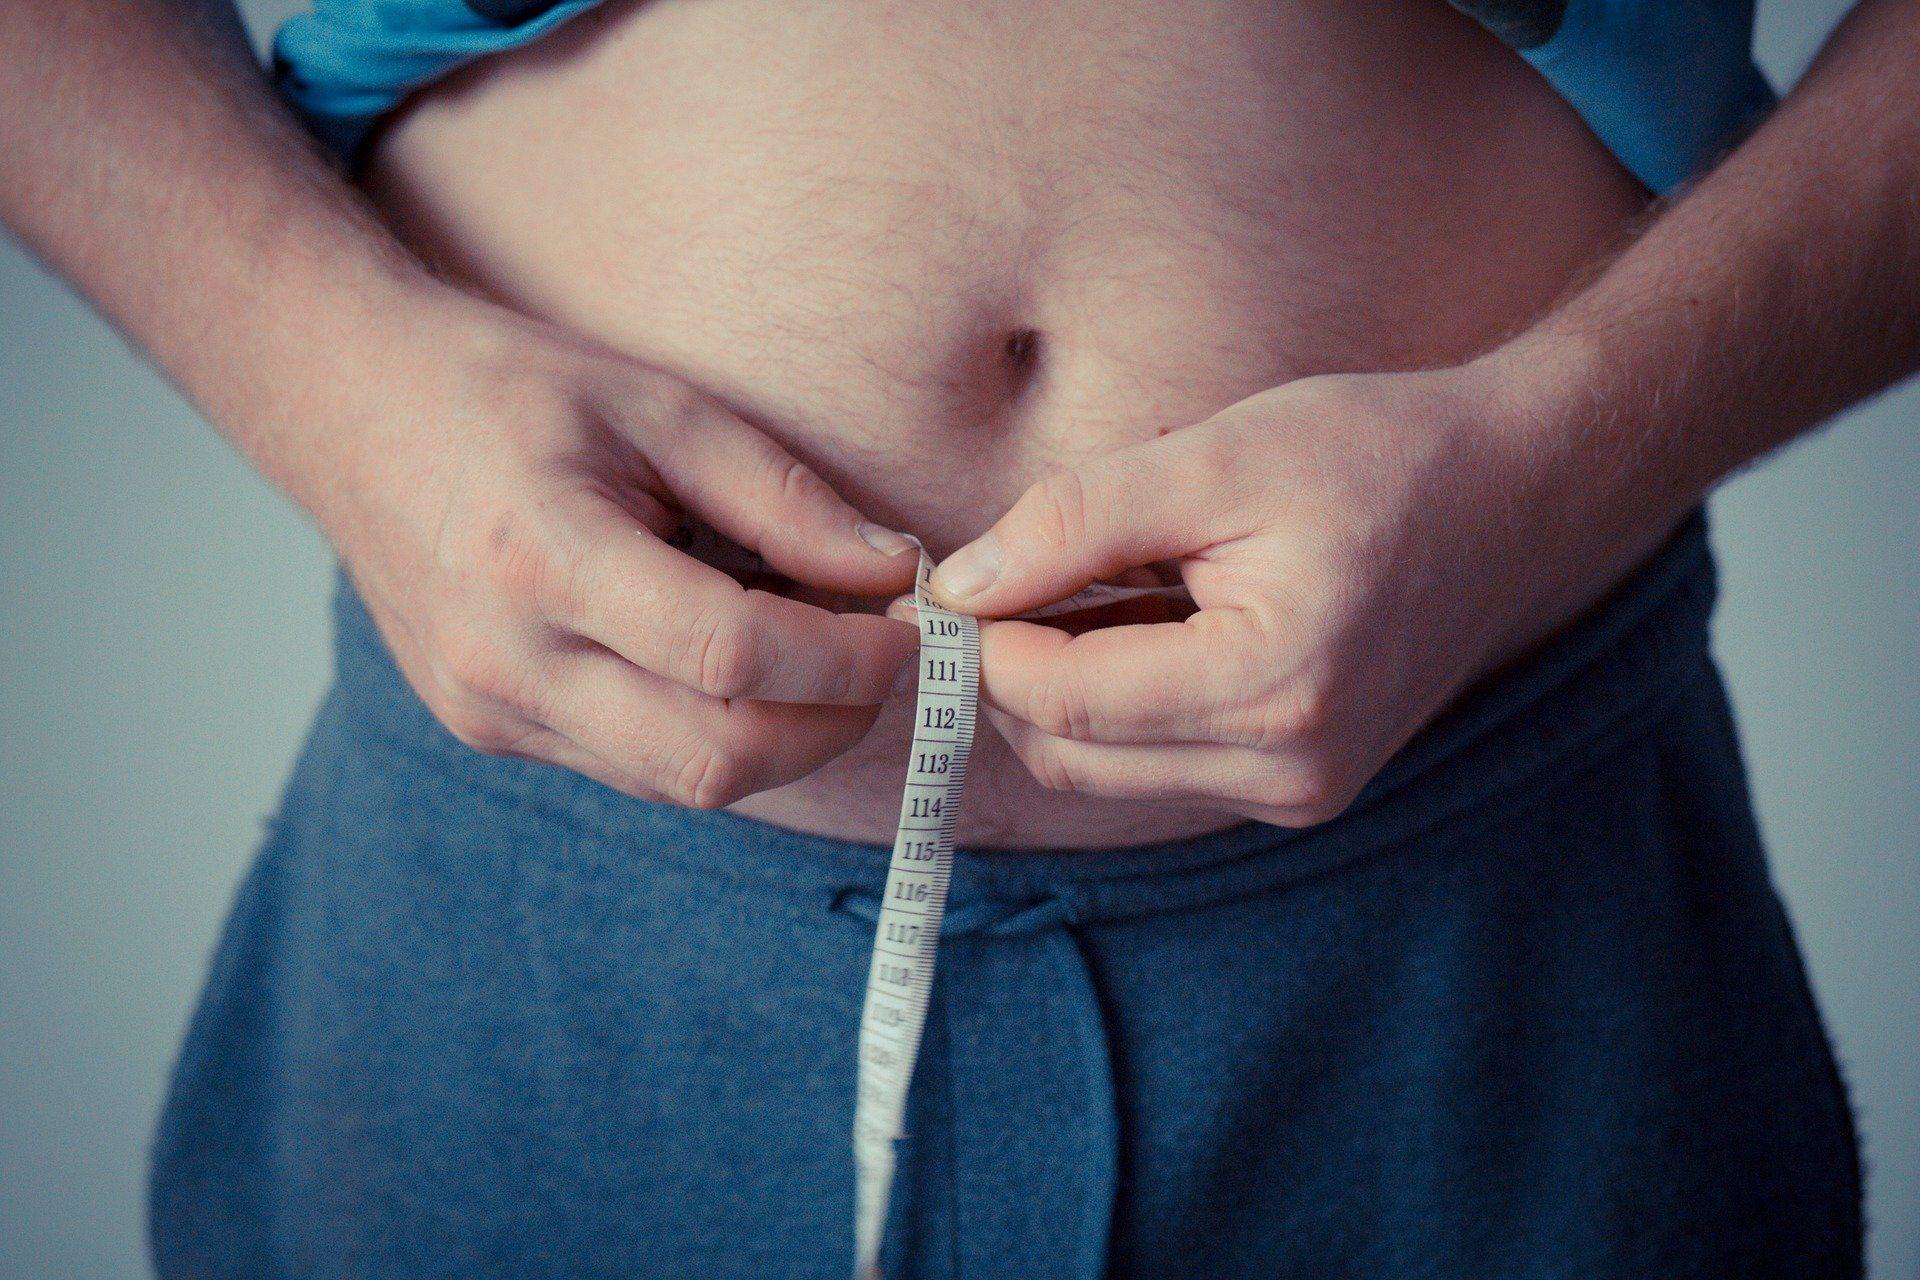 ¿Por qué el Método Apollo reforzado es el método preferido contra la obesidad? Imeo lo explica